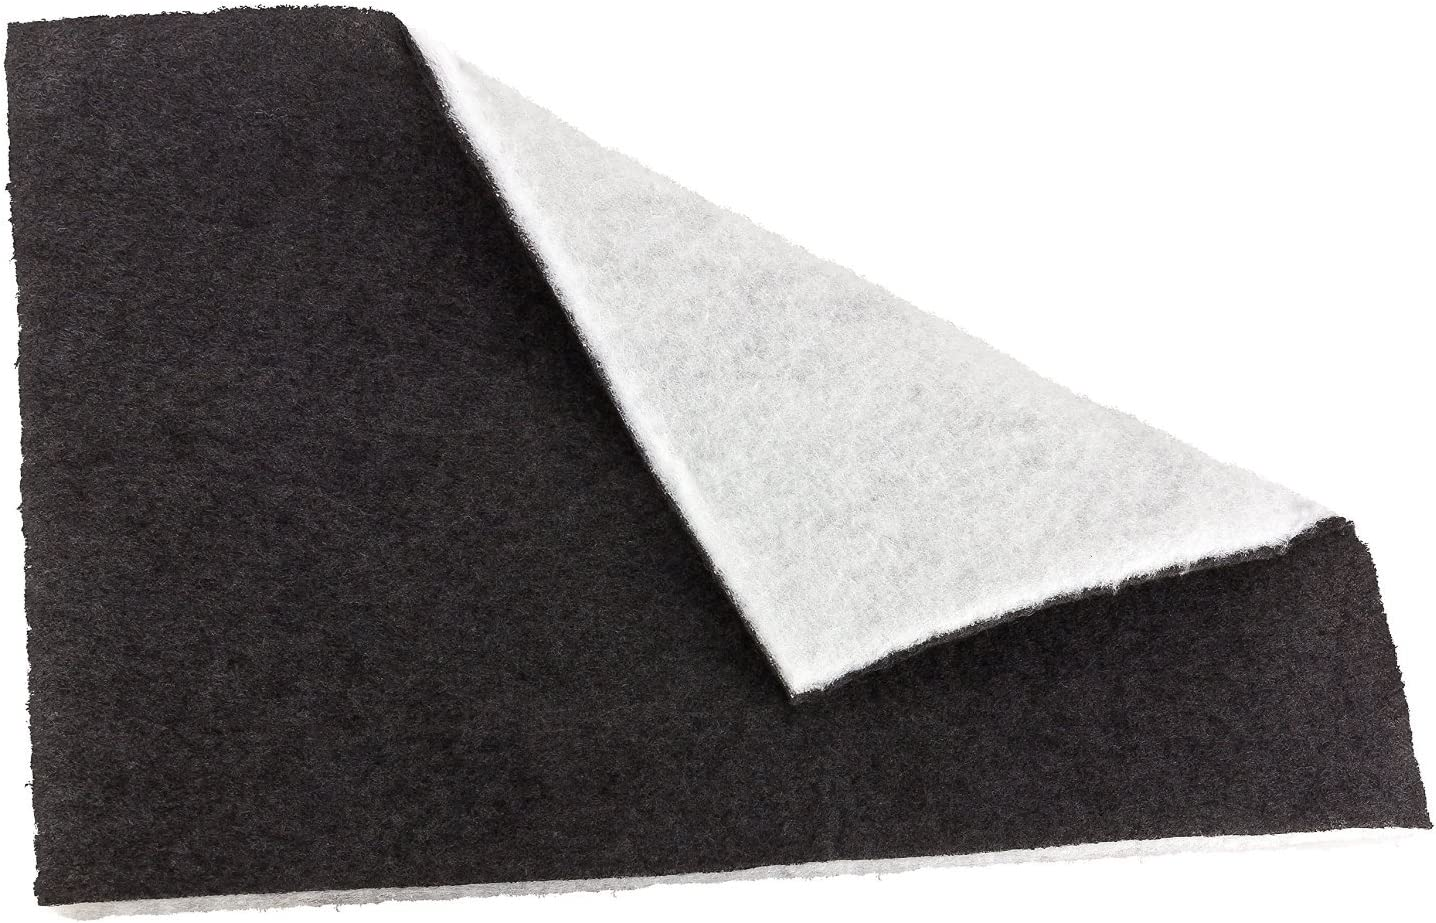 Tappetino 57x47cm Filtro Odore Filtro per ritagliare da tagliare filtri a carbone #32